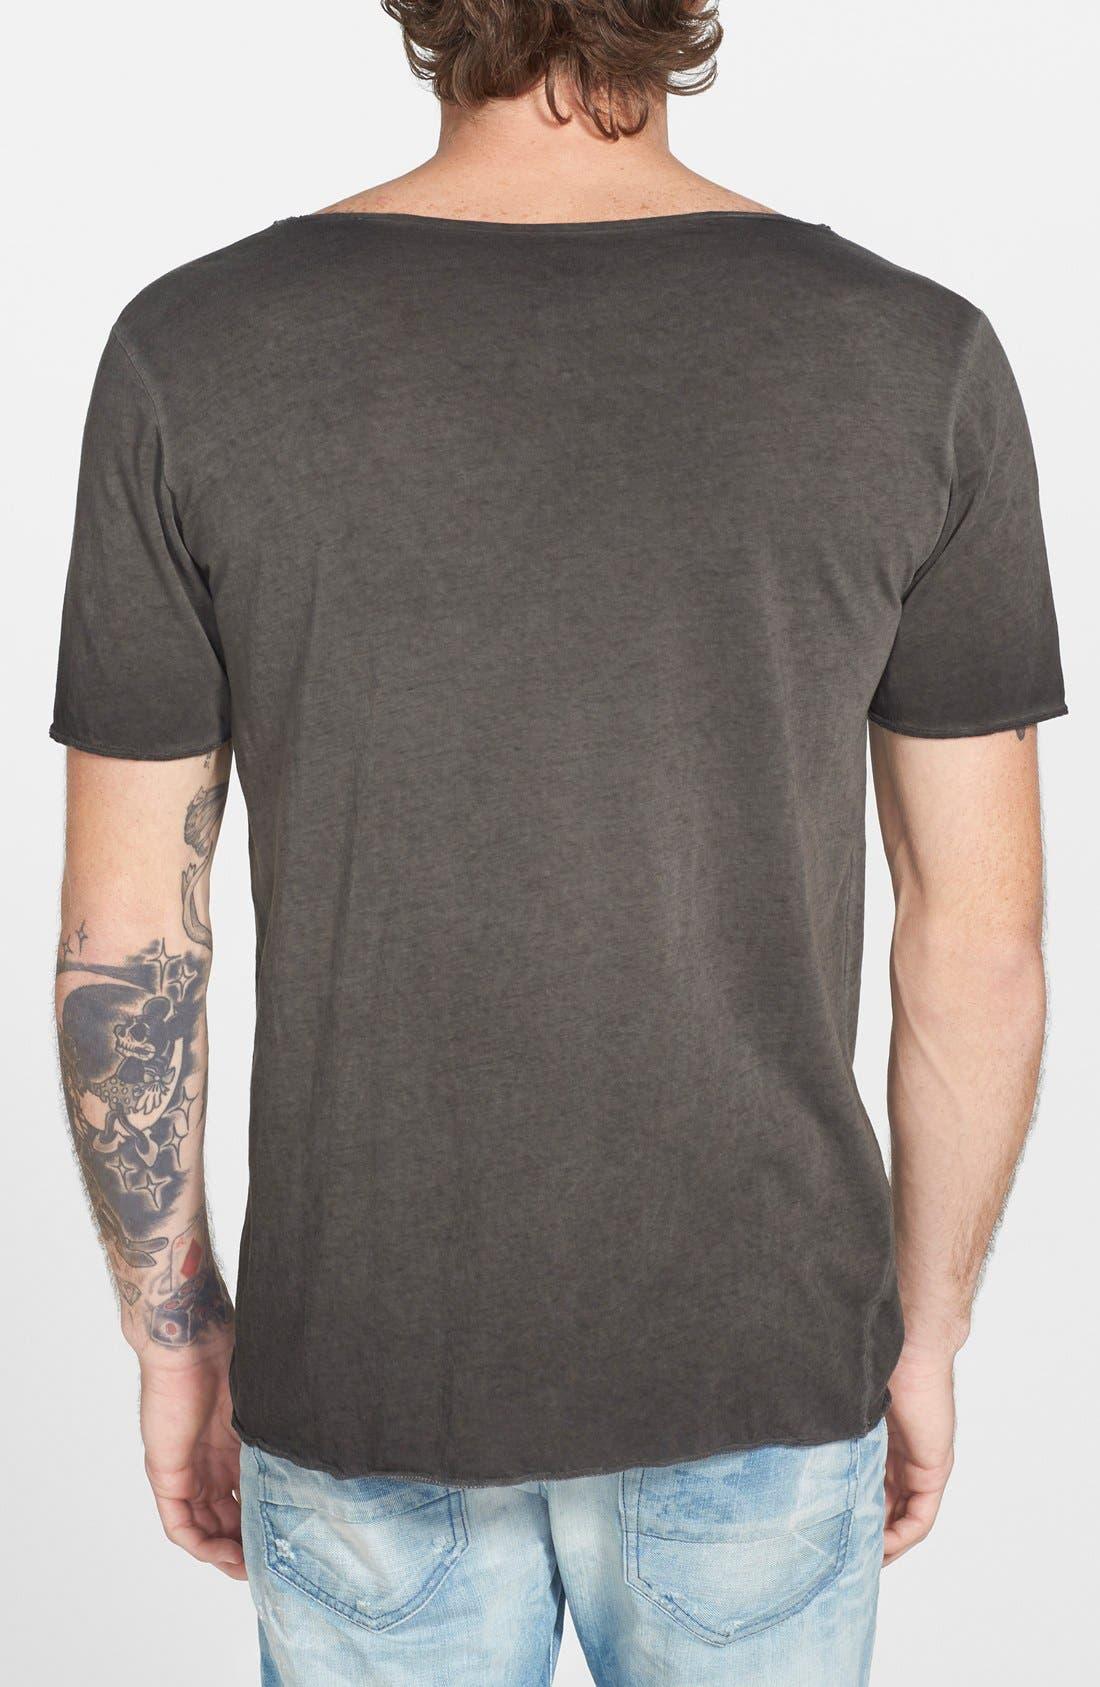 URBAN CAMO BRIGADE,                             Wide V-Neck T-Shirt,                             Alternate thumbnail 3, color,                             001